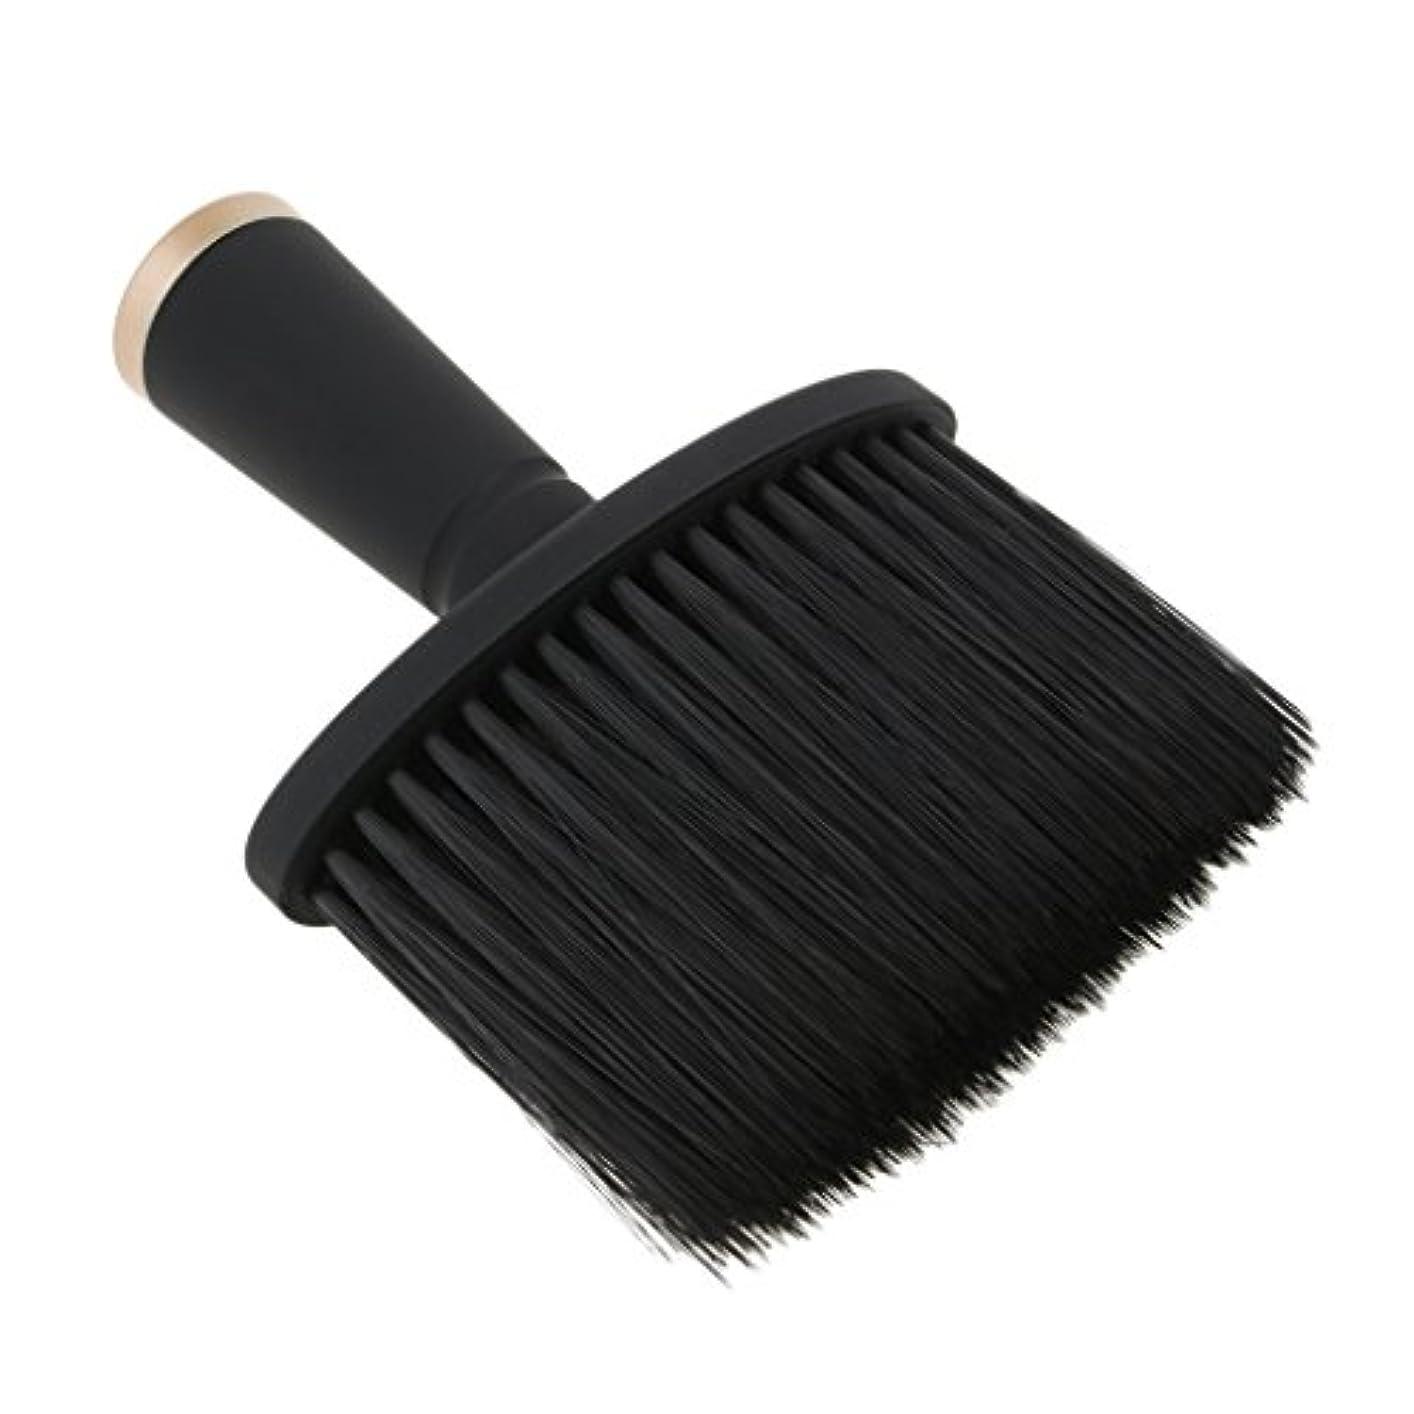 イベント環境驚Kesoto ネックダスターブラシ ヘアカット ヘアブラシ ソフト サロン ヘアスタイリスト 理髪 全2色 - ゴールド